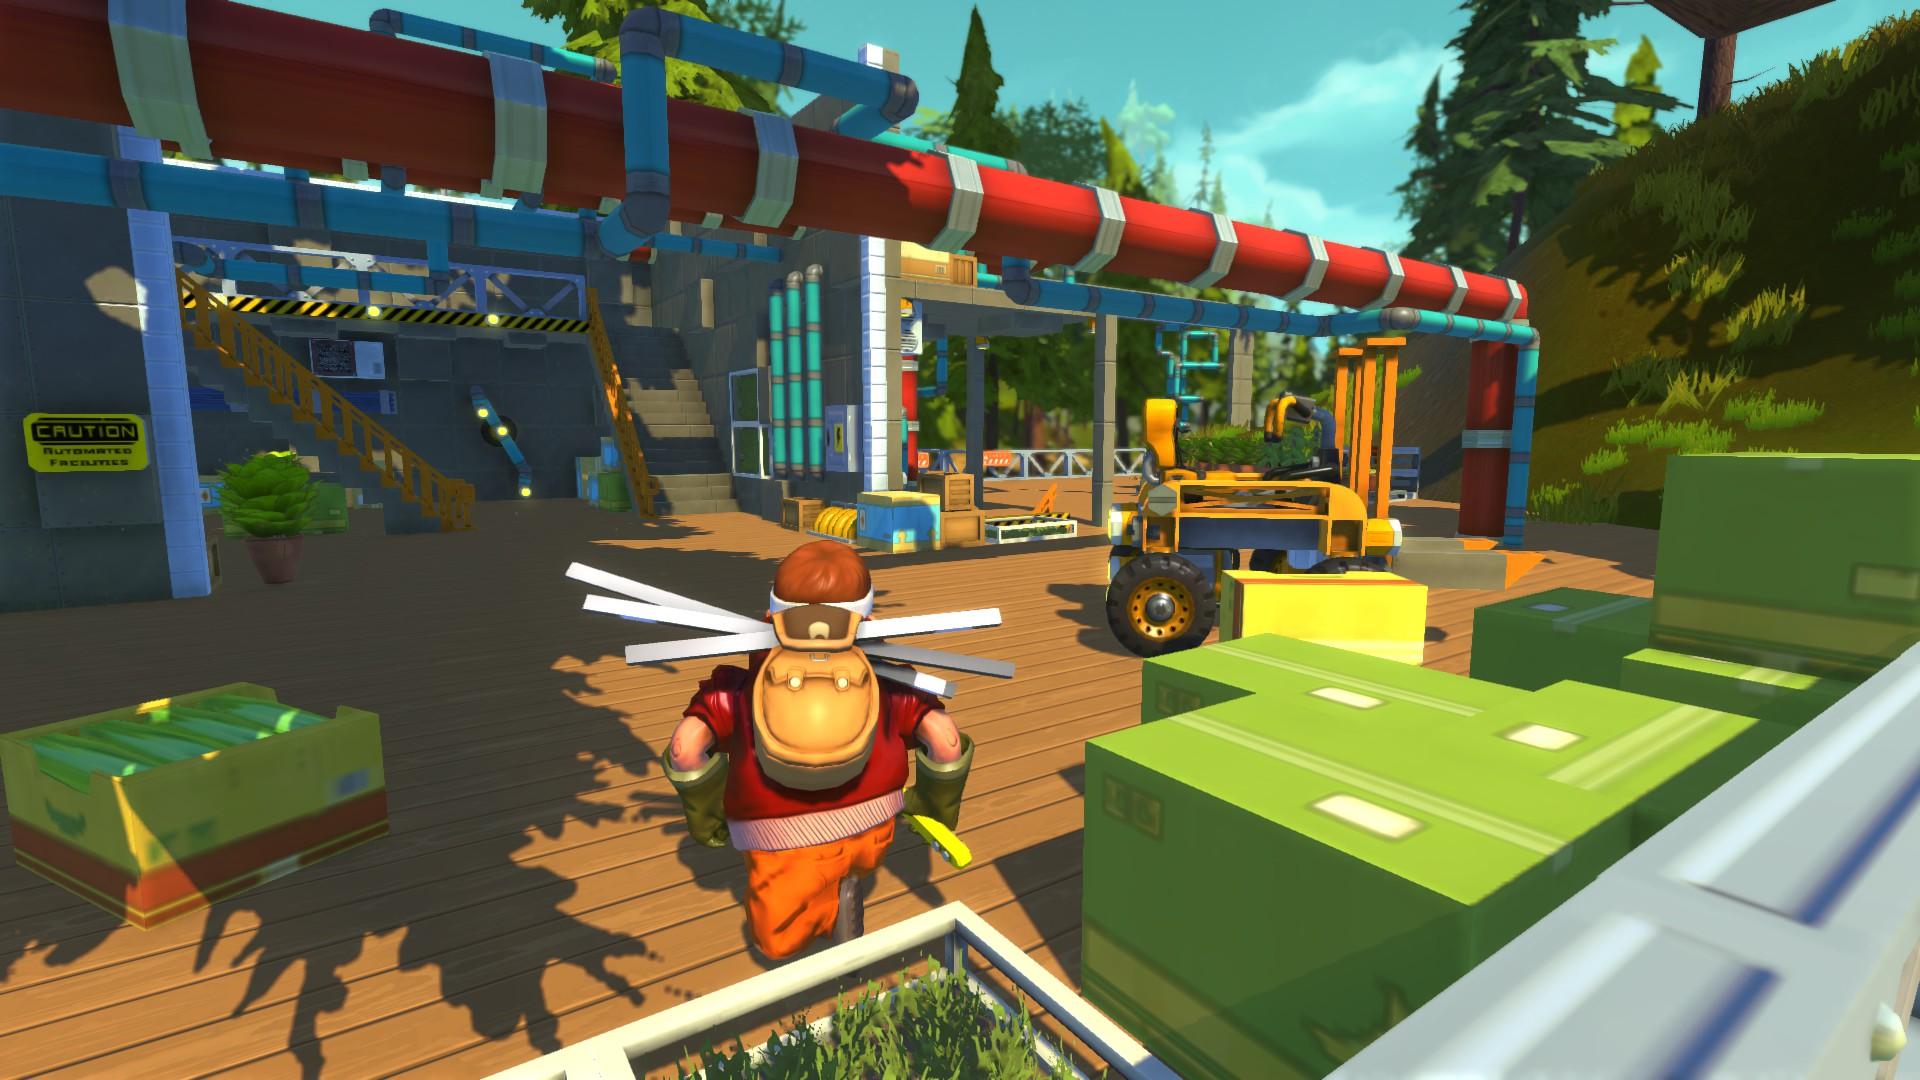 Скриншот Scrap Mechanic v0.1.32 скачать торрентом